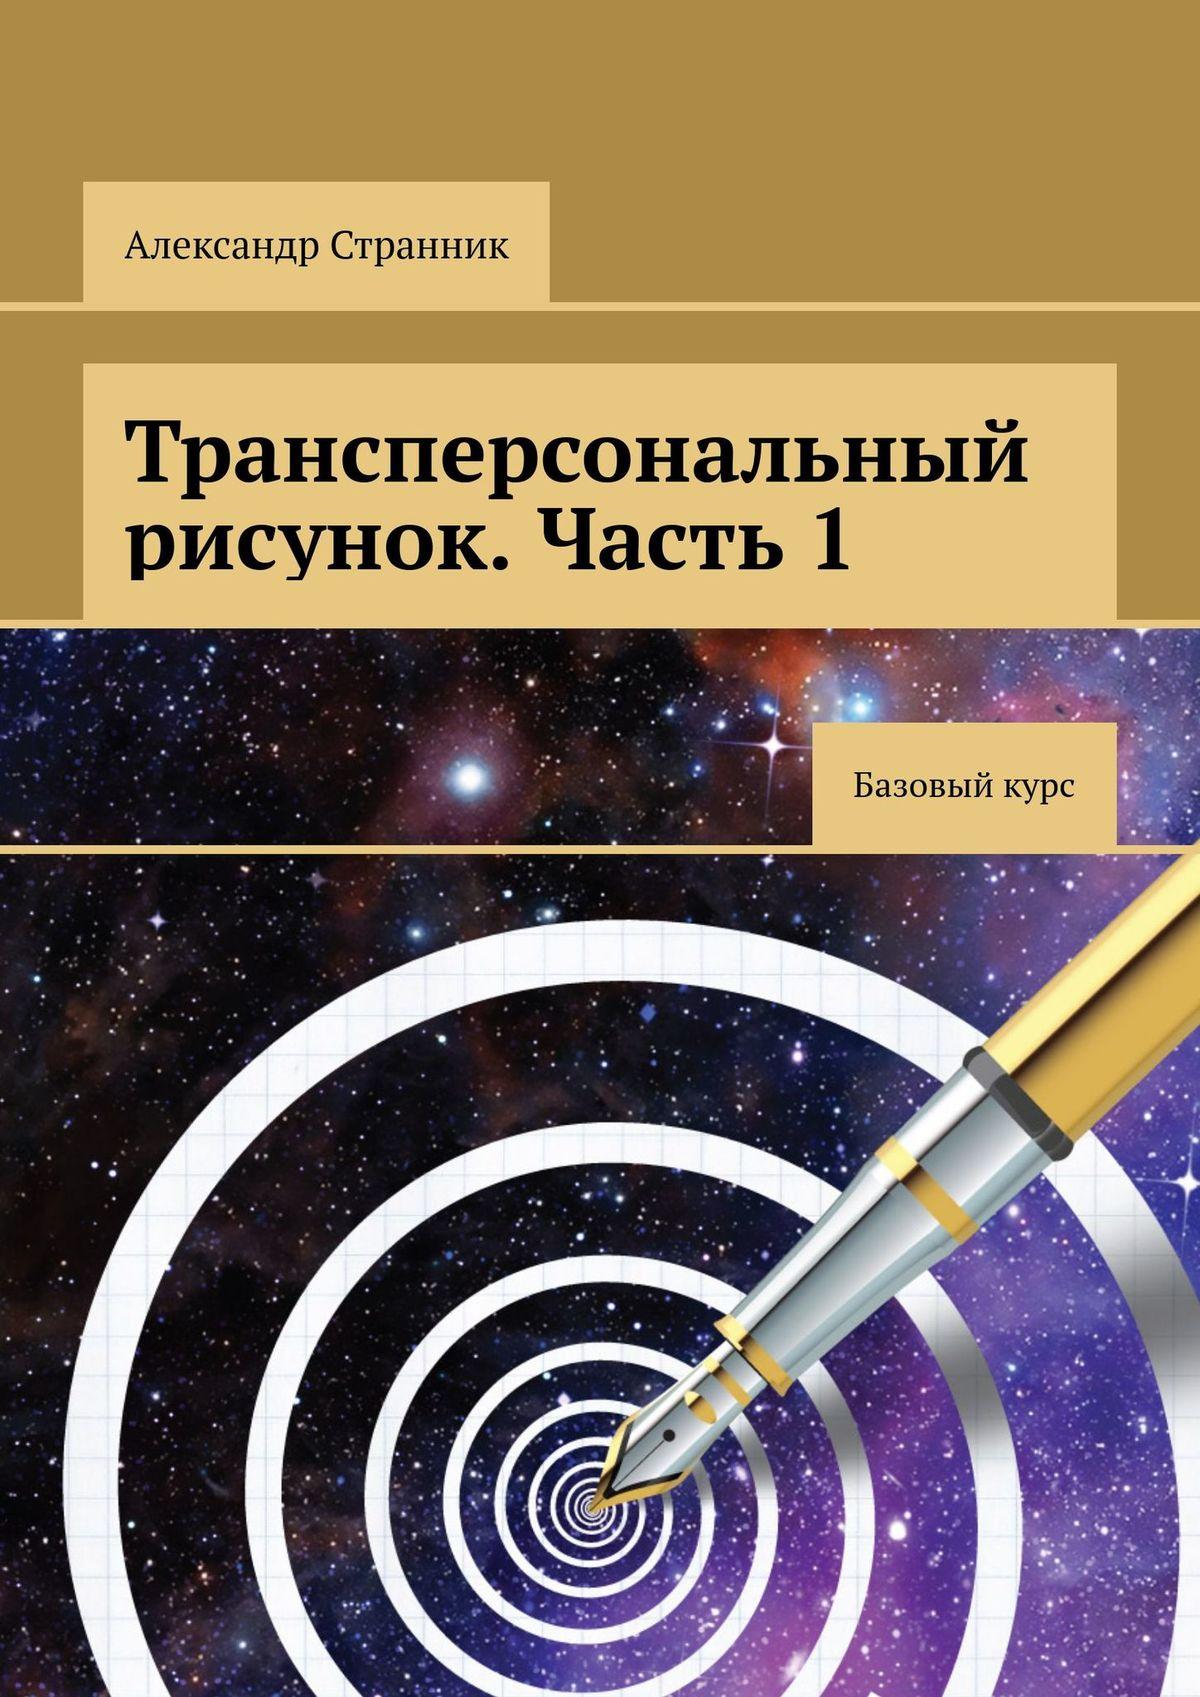 Александр Странник Трансперсональный рисунок. Часть 1